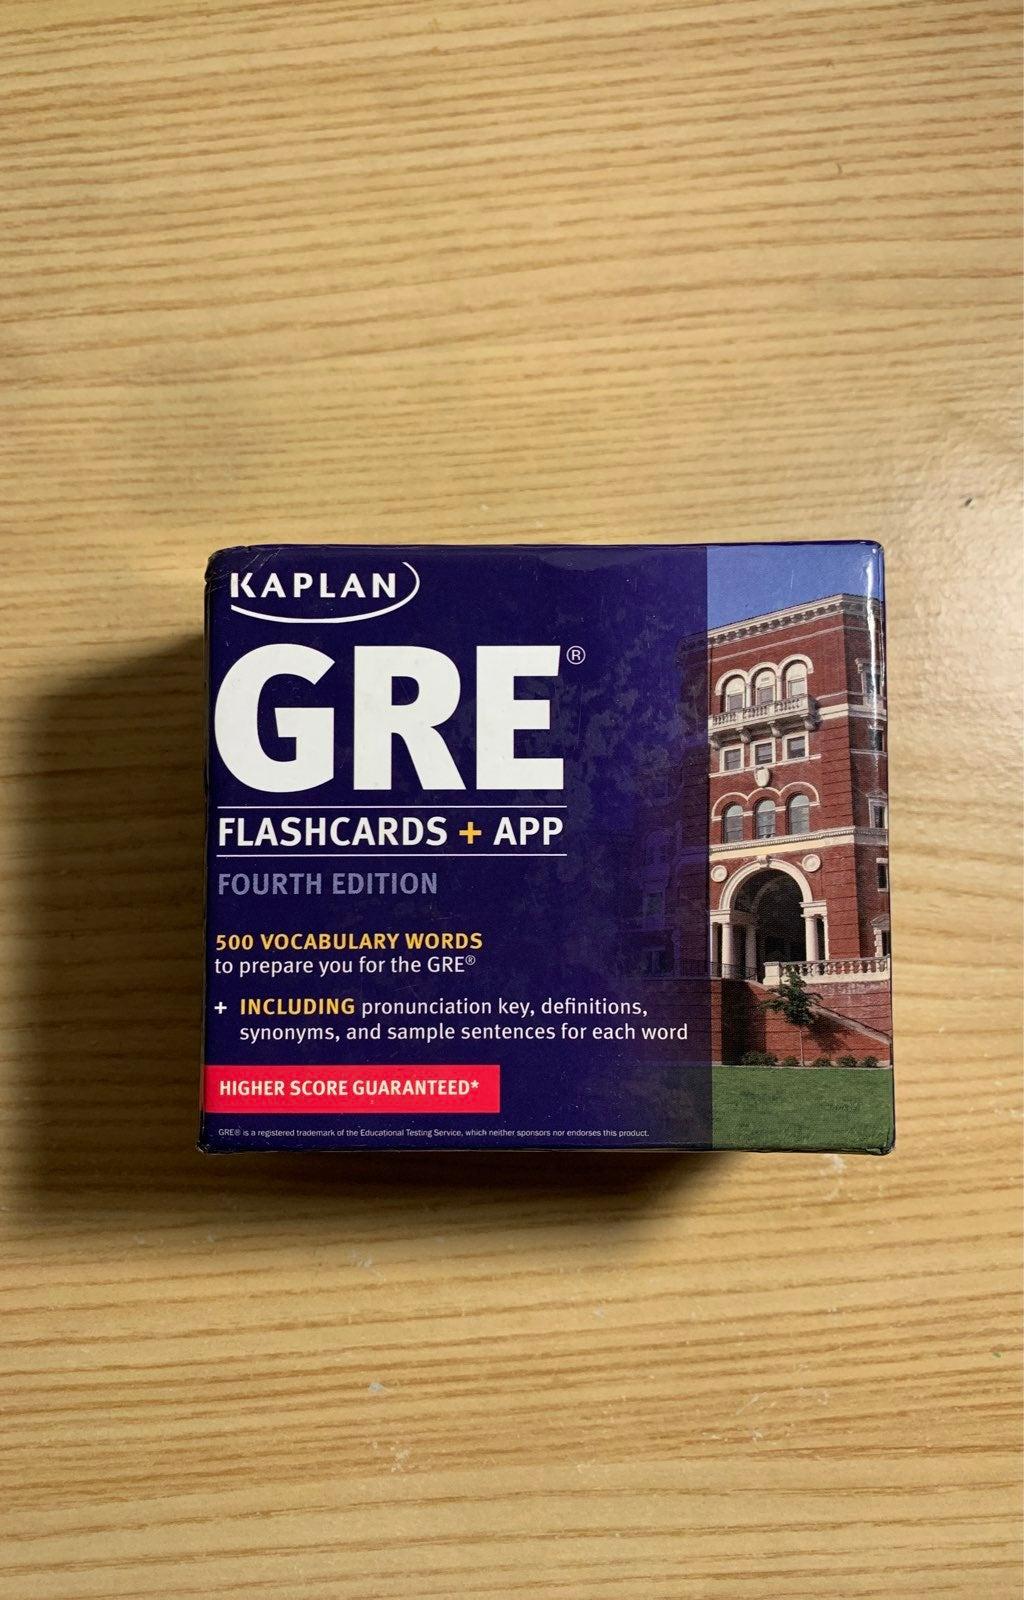 GRE flashcards - Kaplan